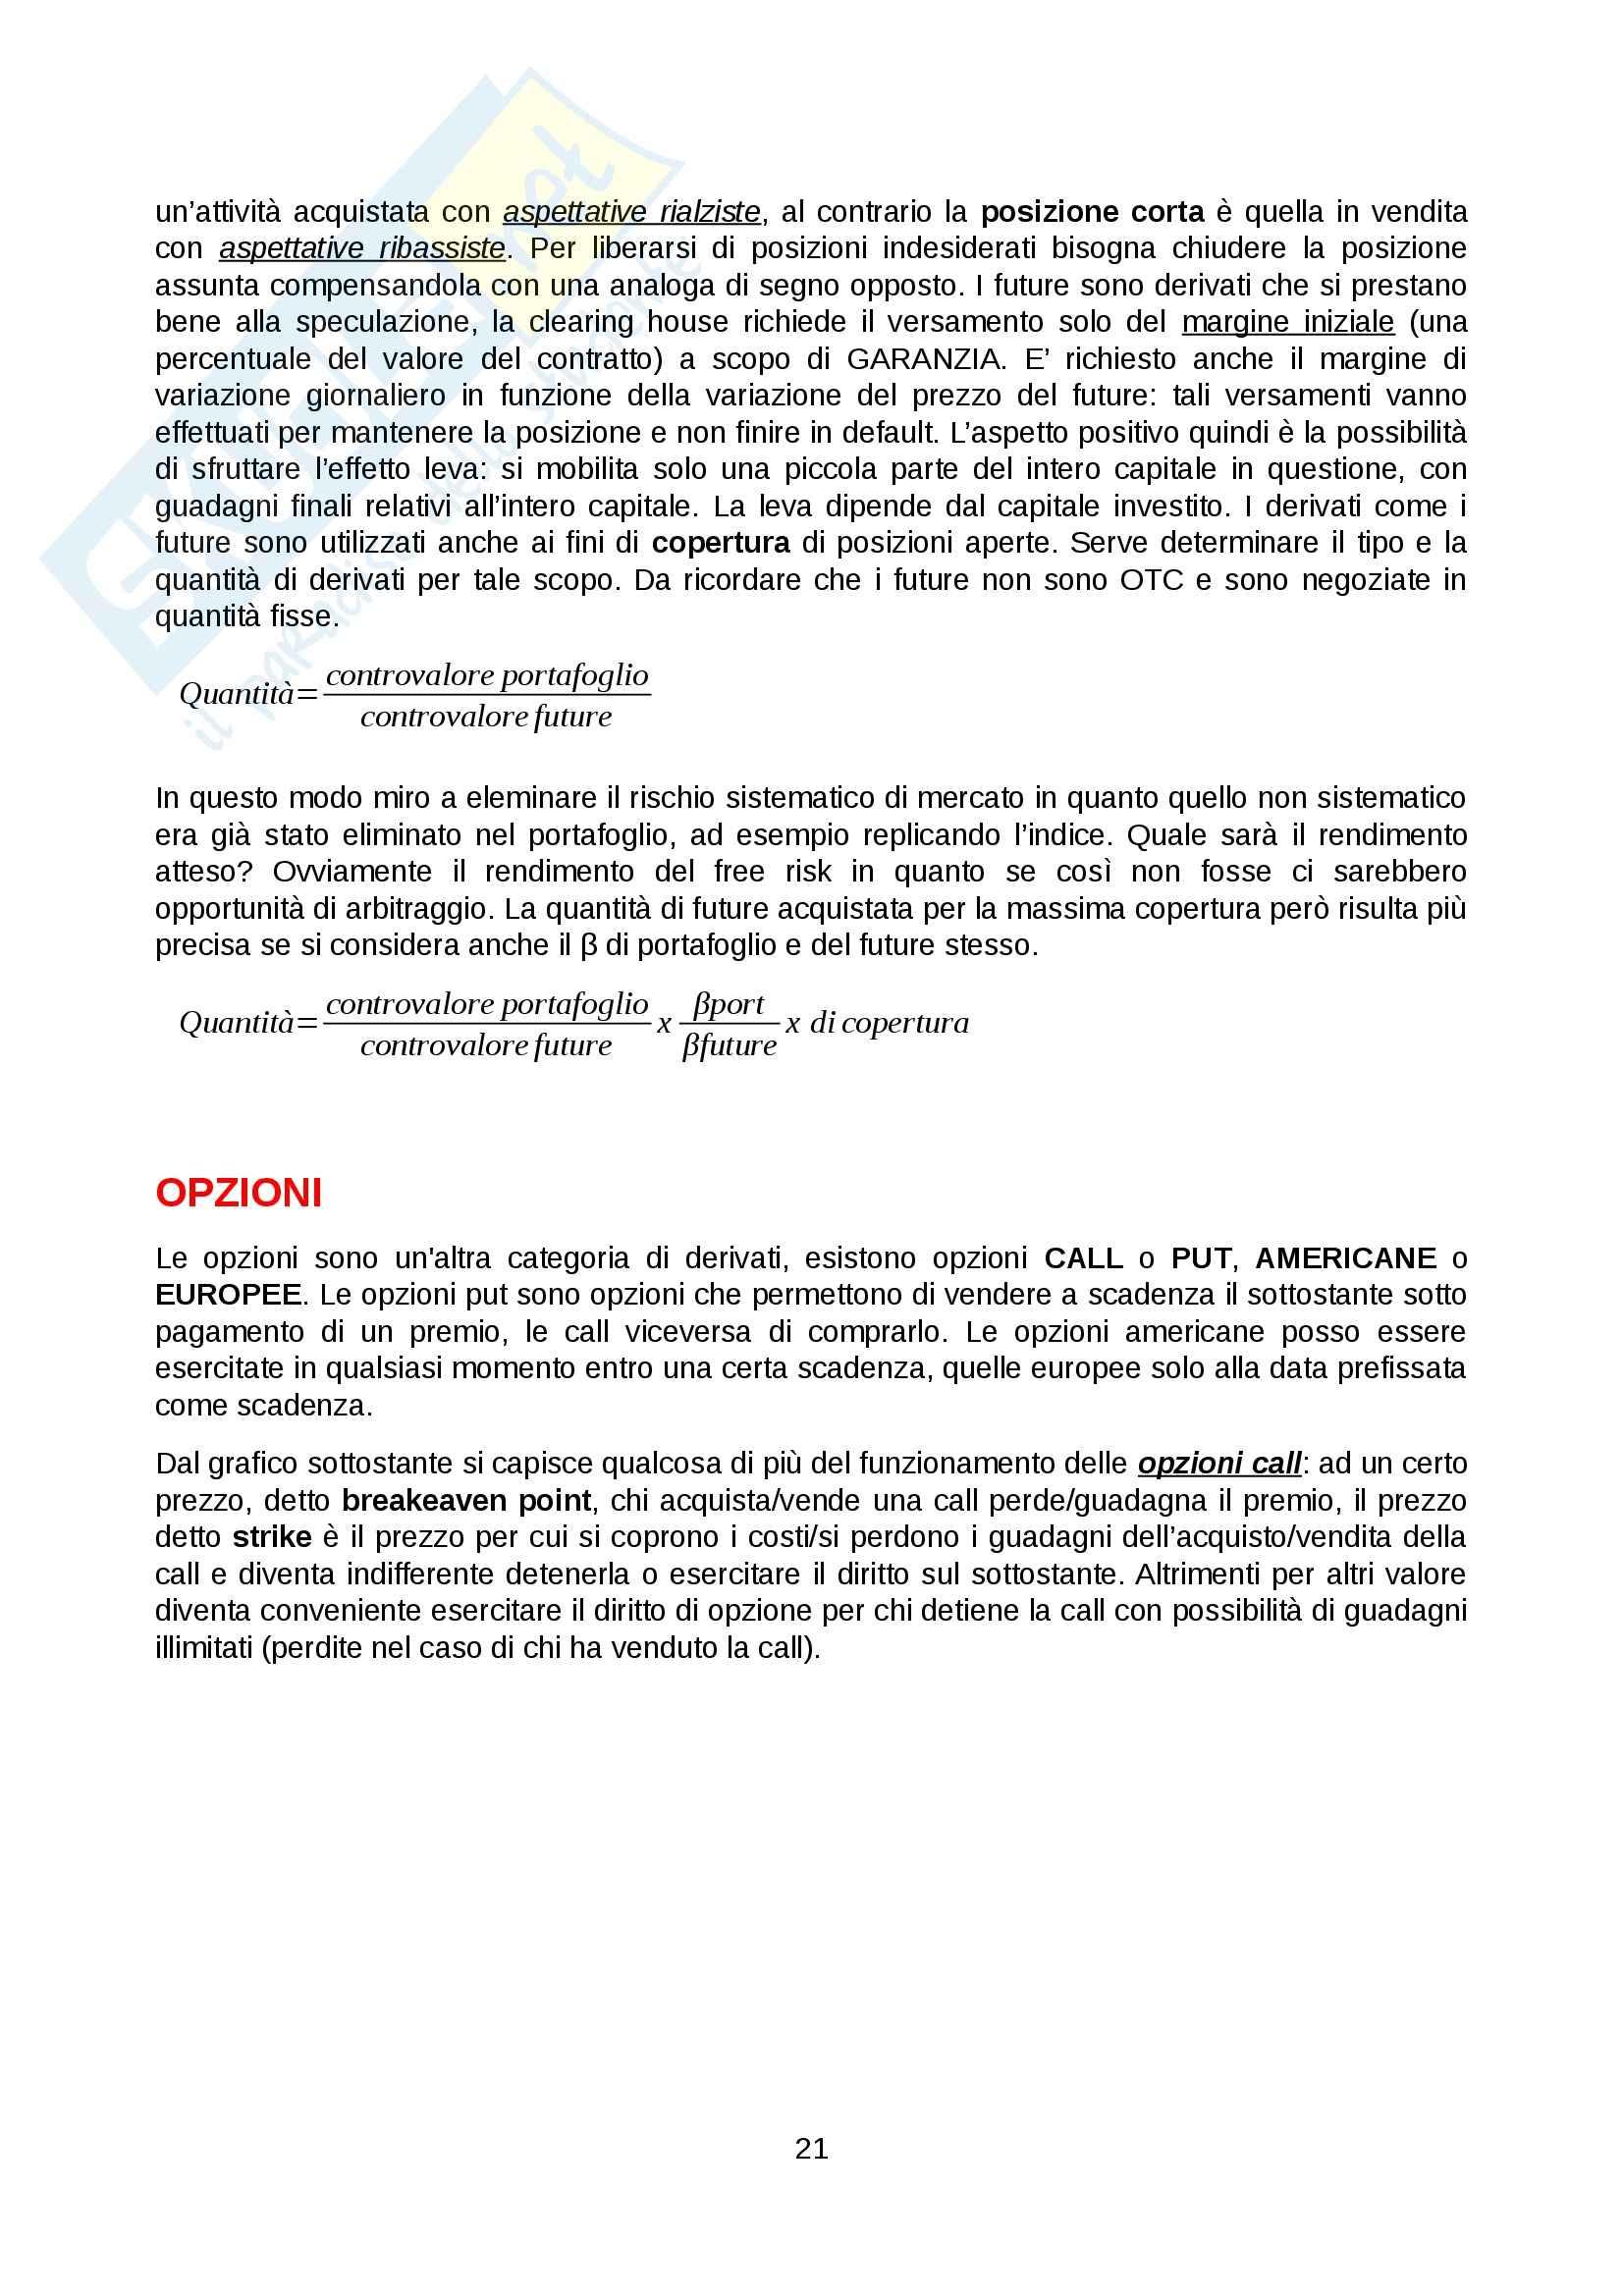 Economia del mercato mobiliare - Appunti Pag. 21